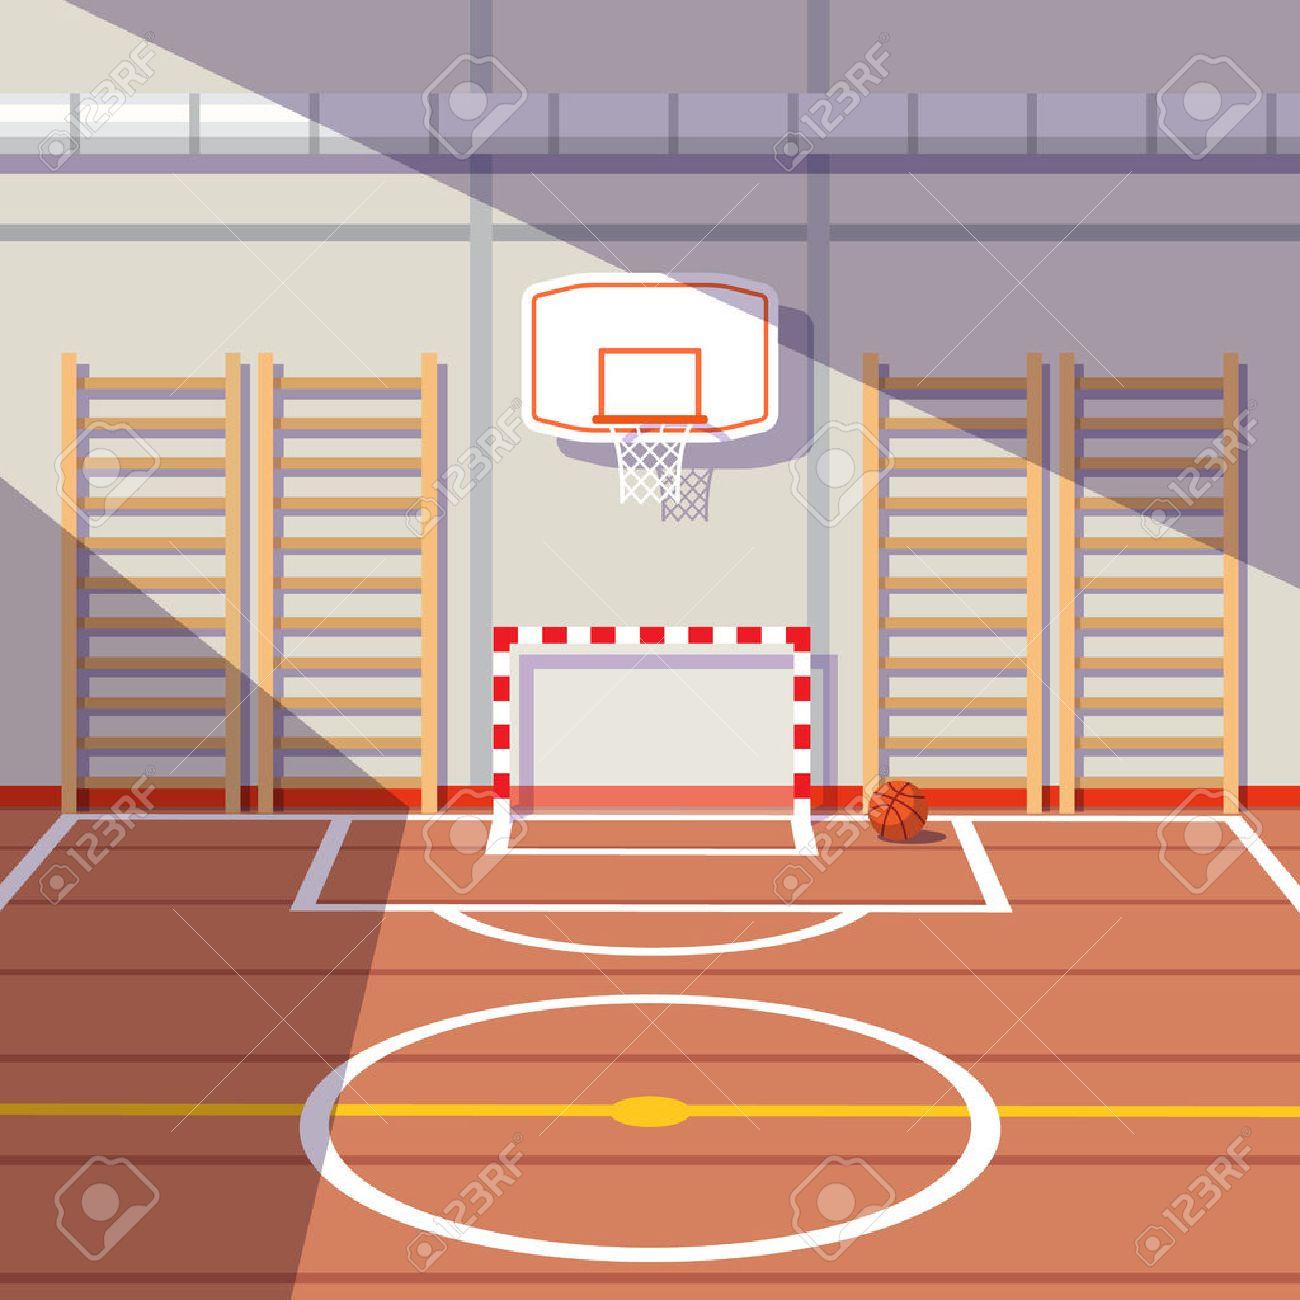 School Gym Clipart.